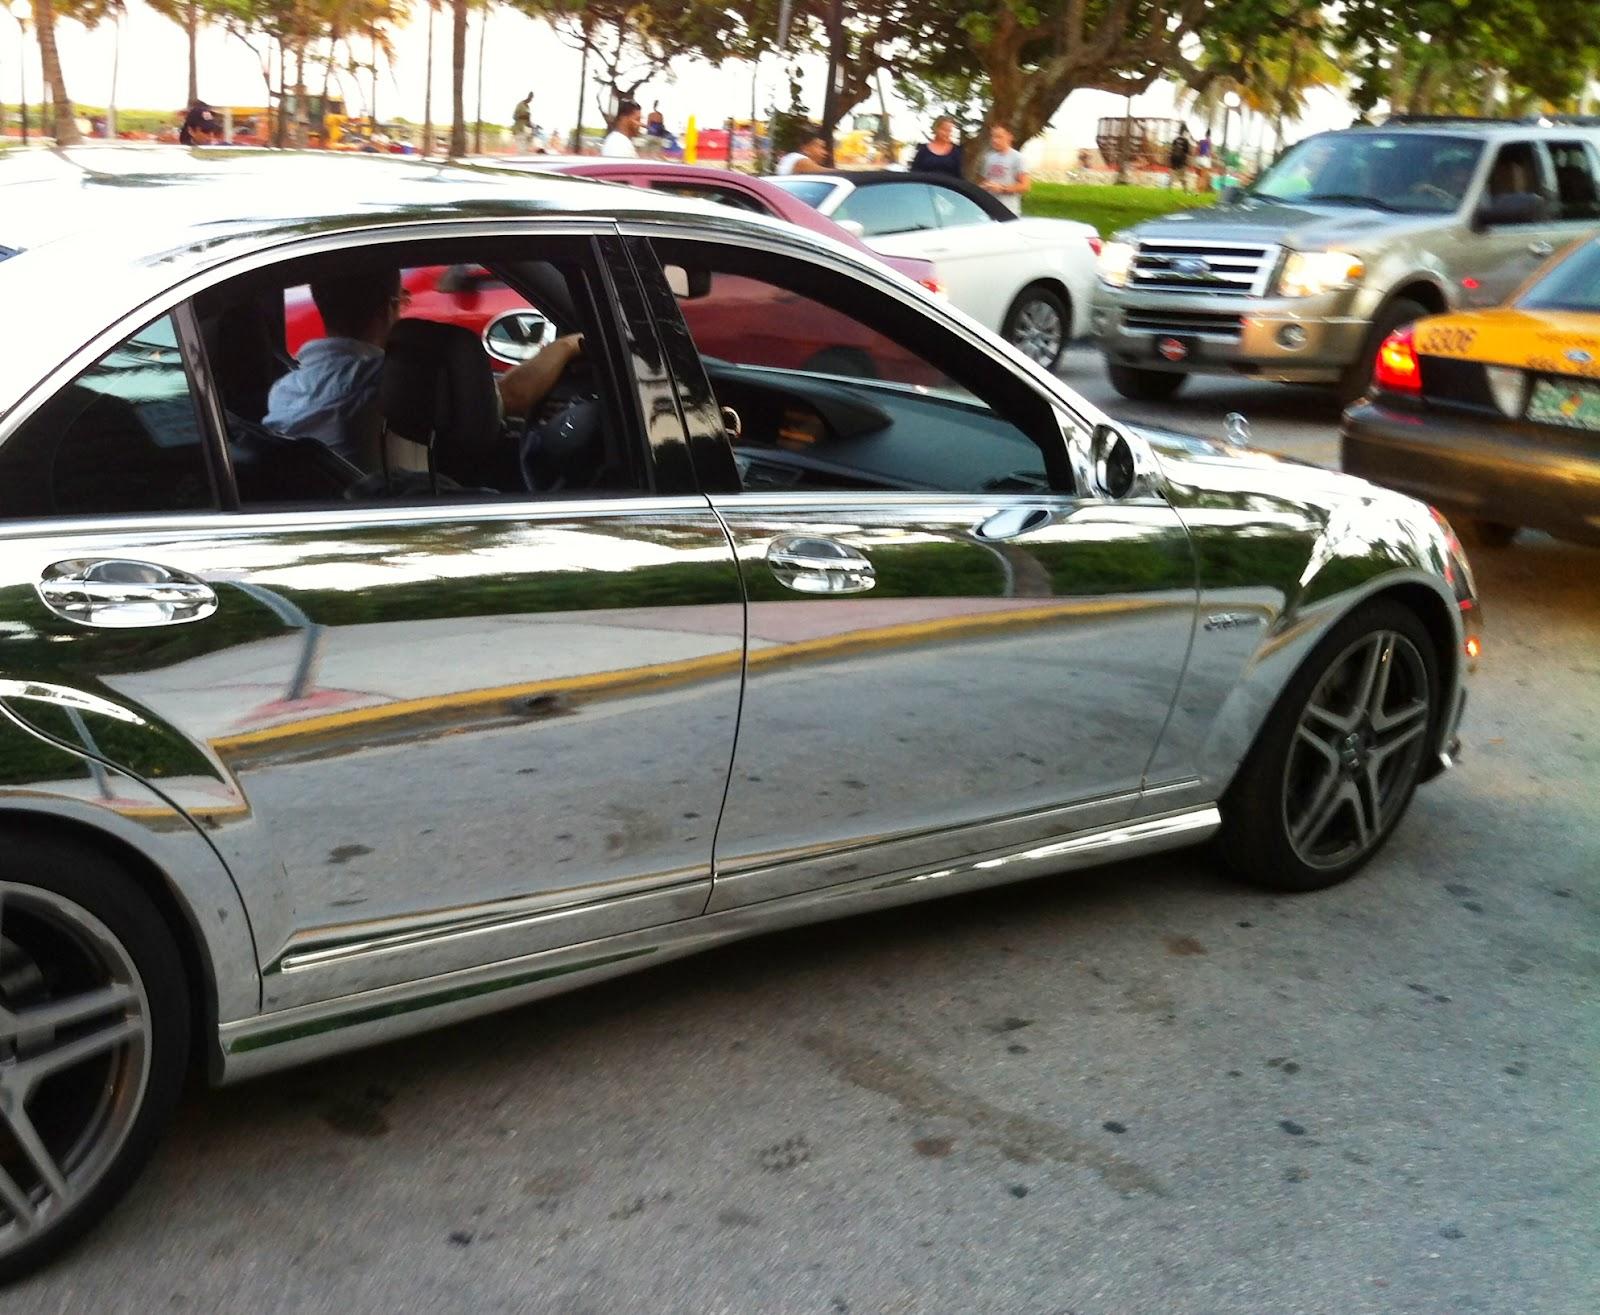 Chrome Mercedes Benz S63 on Miami Beach